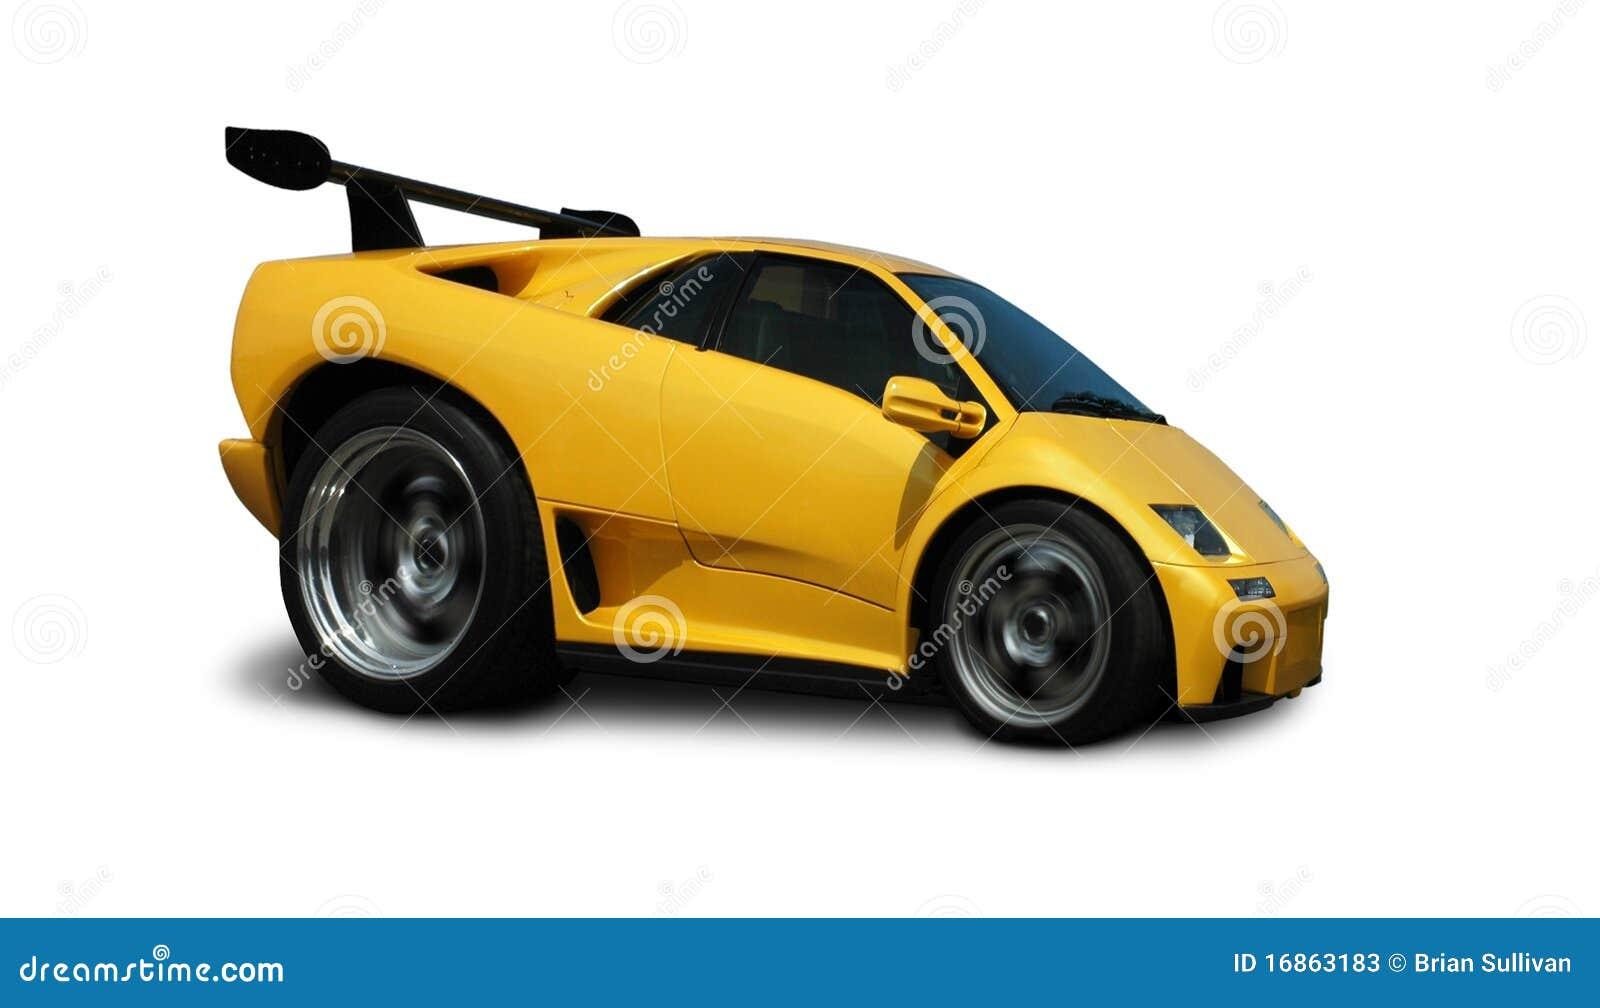 Lamborghini de pressa Diablo